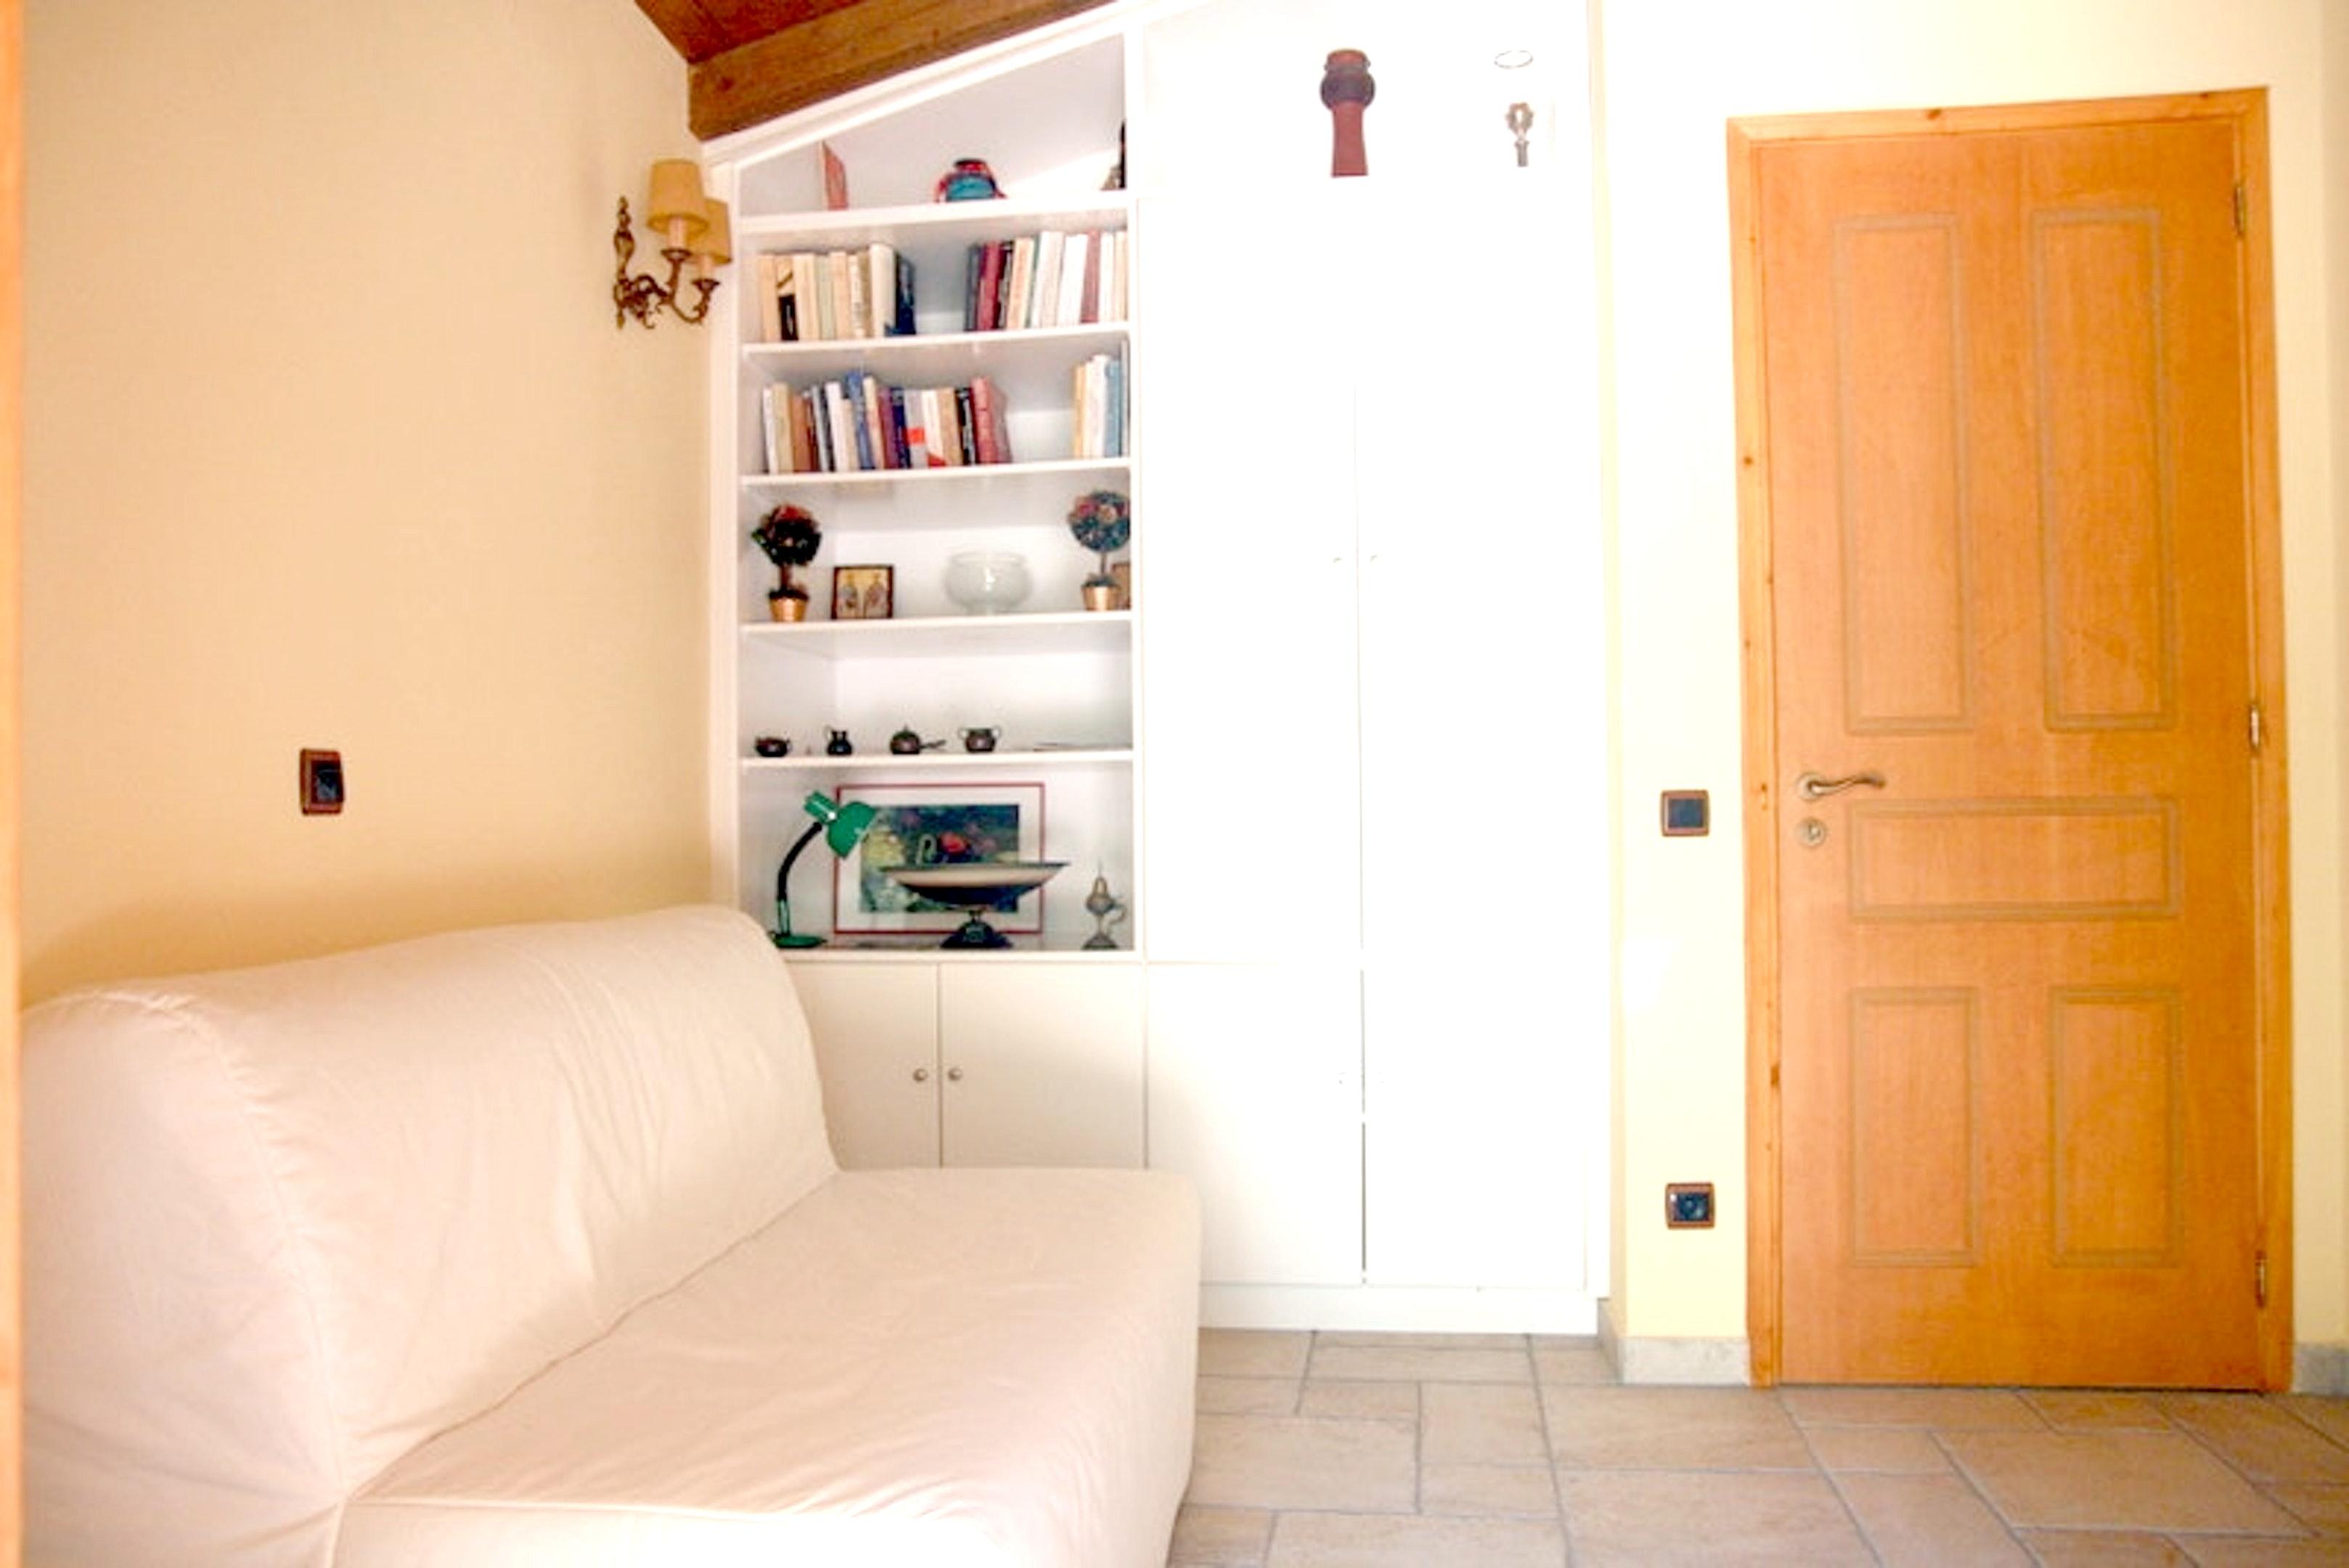 Maison de vacances Haus mit 2 Schlafzimmern in Corfou mit toller Aussicht auf die Berge (2202447), Moraitika, Corfou, Iles Ioniennes, Grèce, image 6